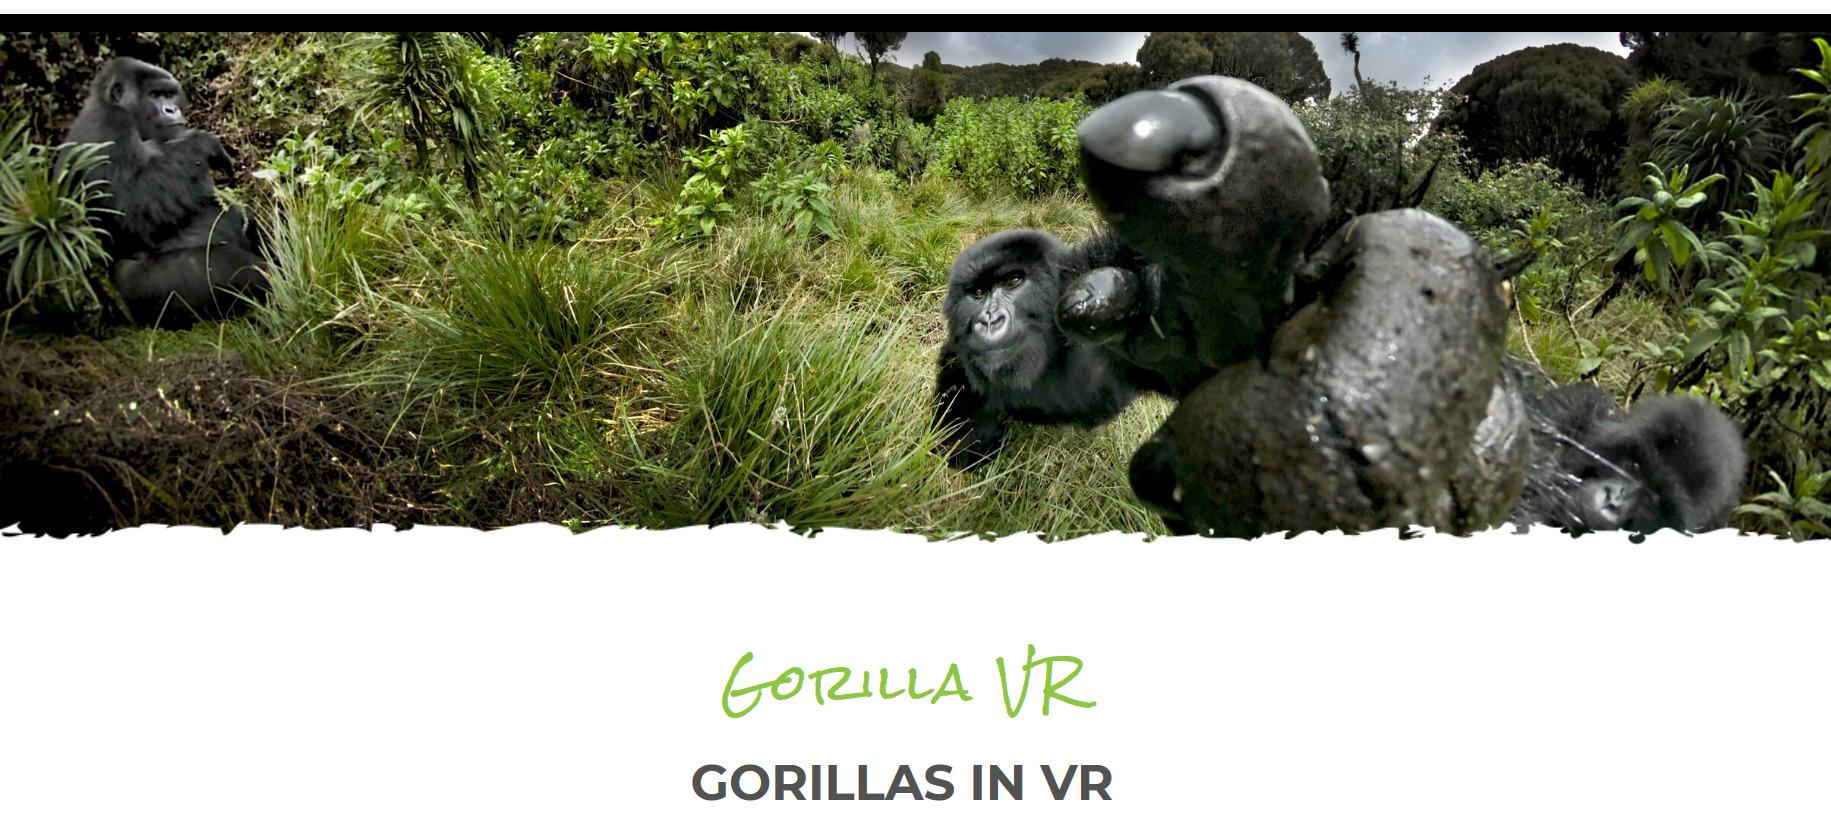 Corona macht auch in Afrika erfinderisch: Ruanda bietet Besuche bei den Gorillas in Virtual Reality an. So will die Regierung dafür sorgen, dass Umweltprojekte für Touristen attraktiv bleiben.